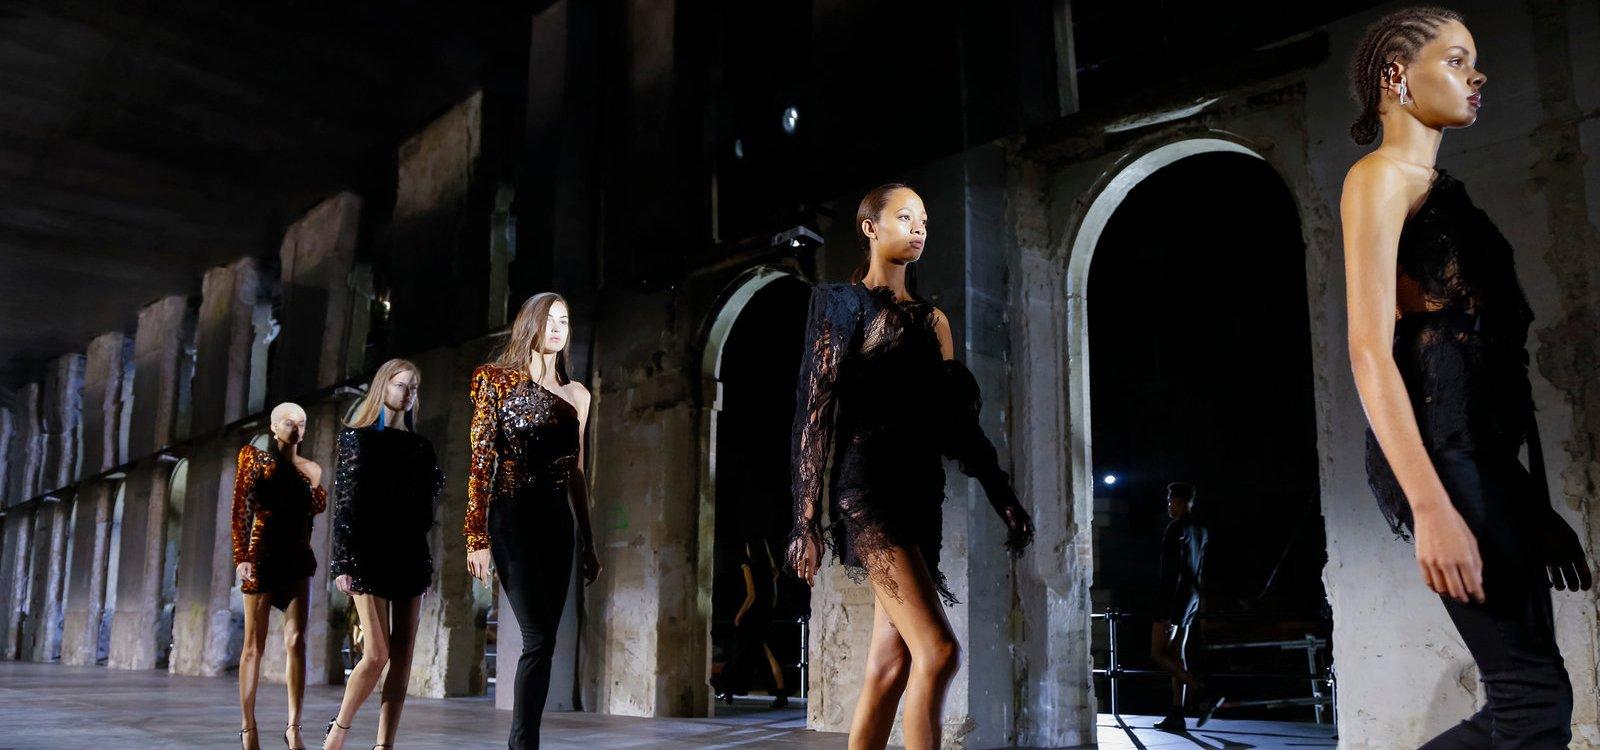 Anthony Vaccarello debuta en Saint Laurent con una colección muy sensual